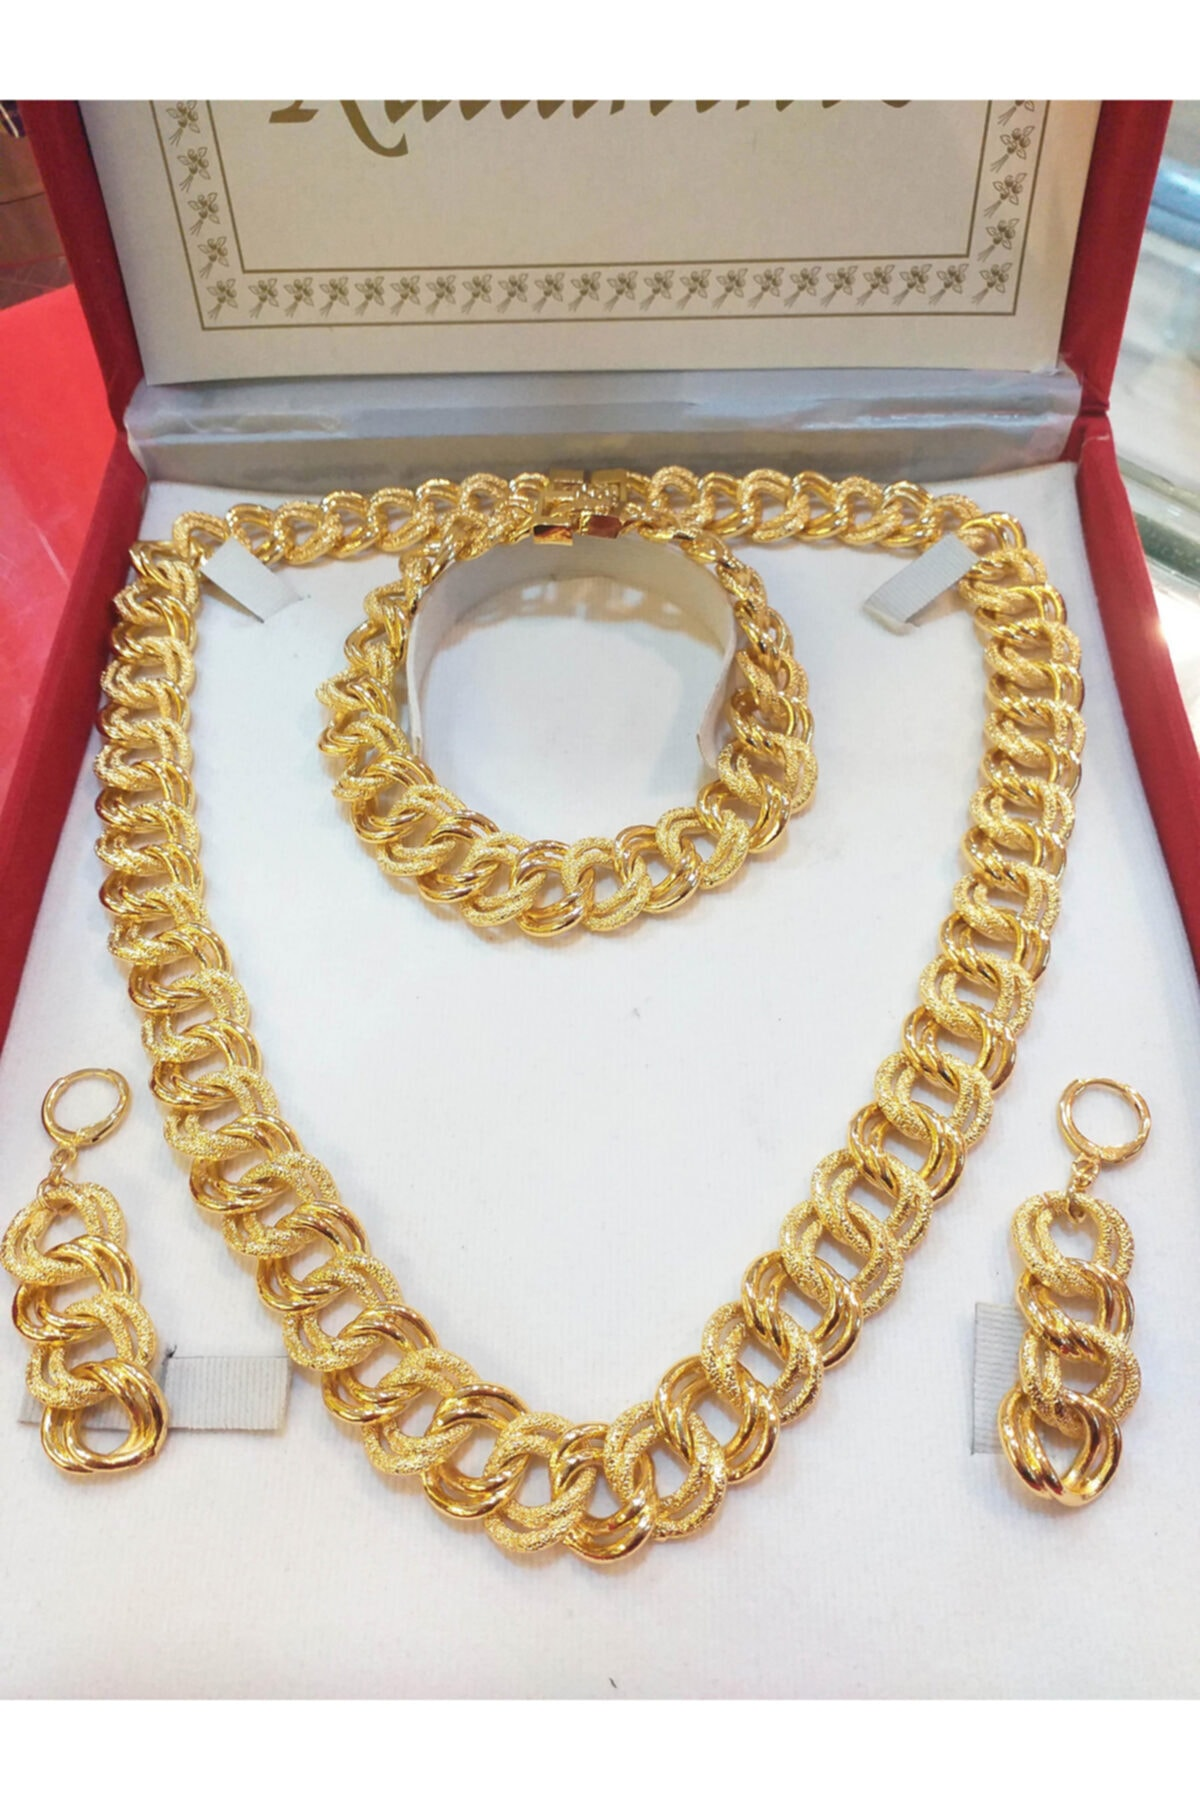 للمرأة مجوهرات الأزياء مجوهرات مطلية بالذهب مجموعات من العضلات